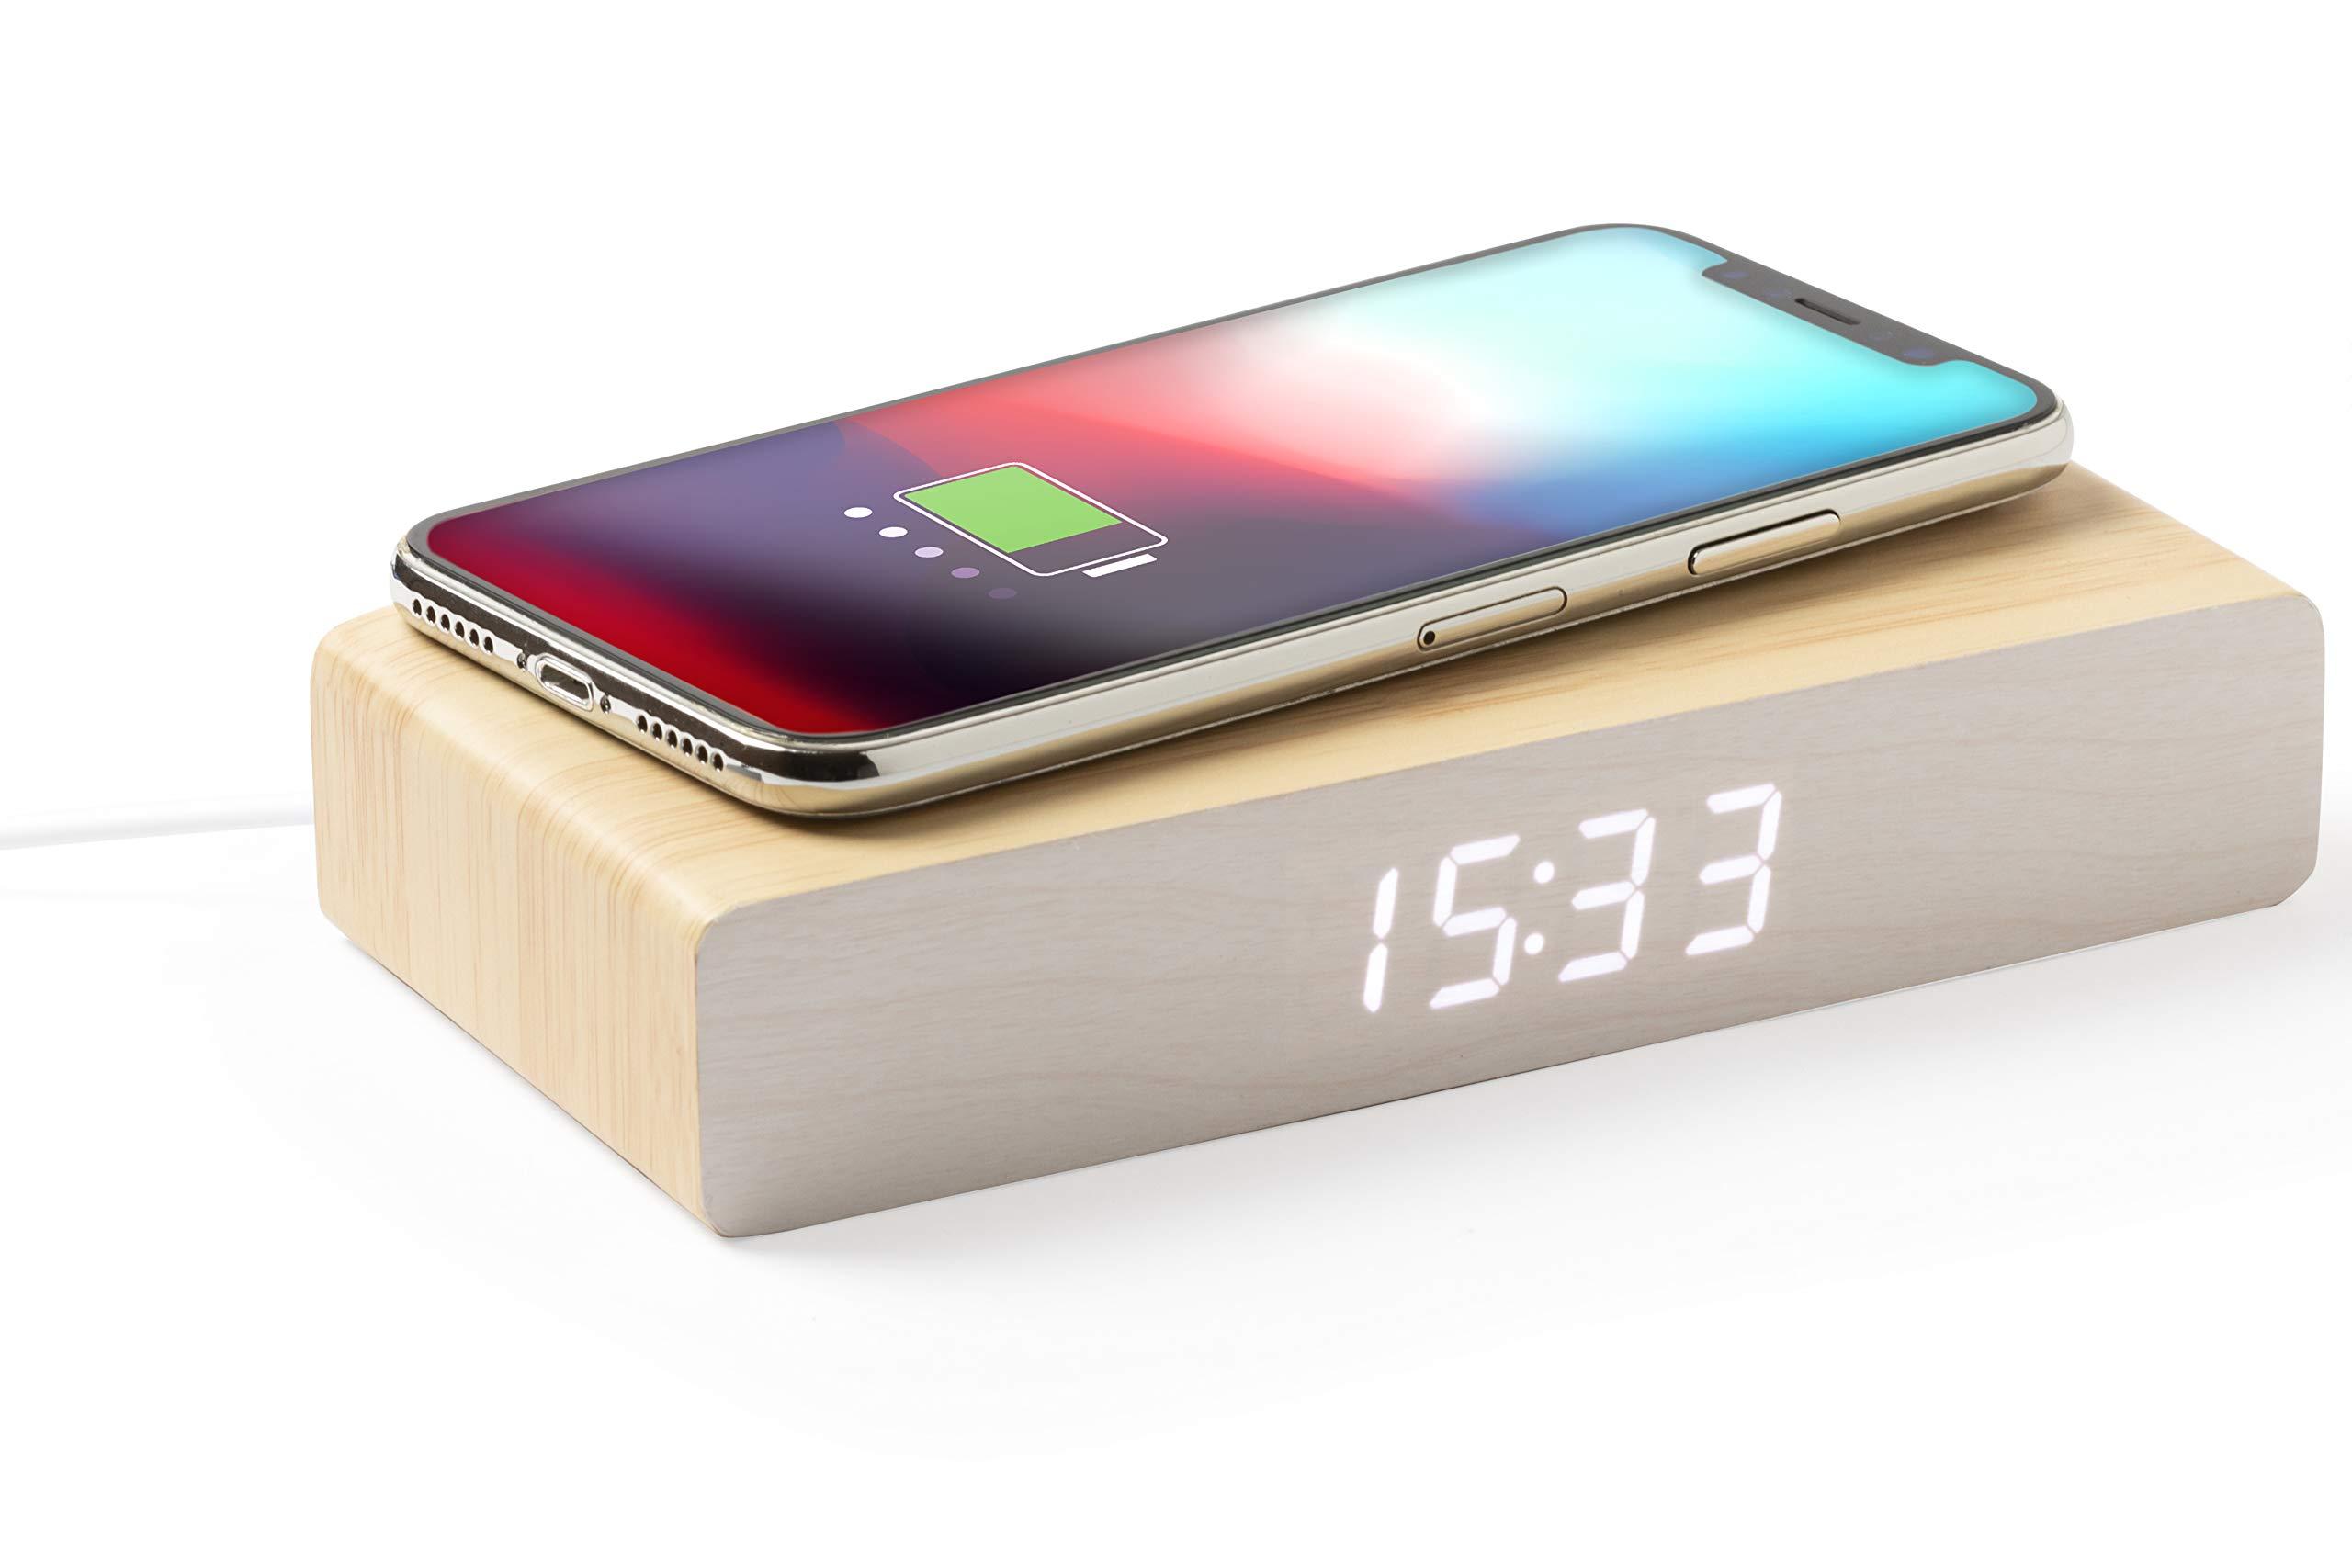 MKTOSASA - Reloj y Despertador de línea Nature con Cargador inalámbrico Integrado. con función Fecha y Hora, Alarma y termómetro - 16.2x3.1x7.8 MDF.: Amazon.es: Hogar